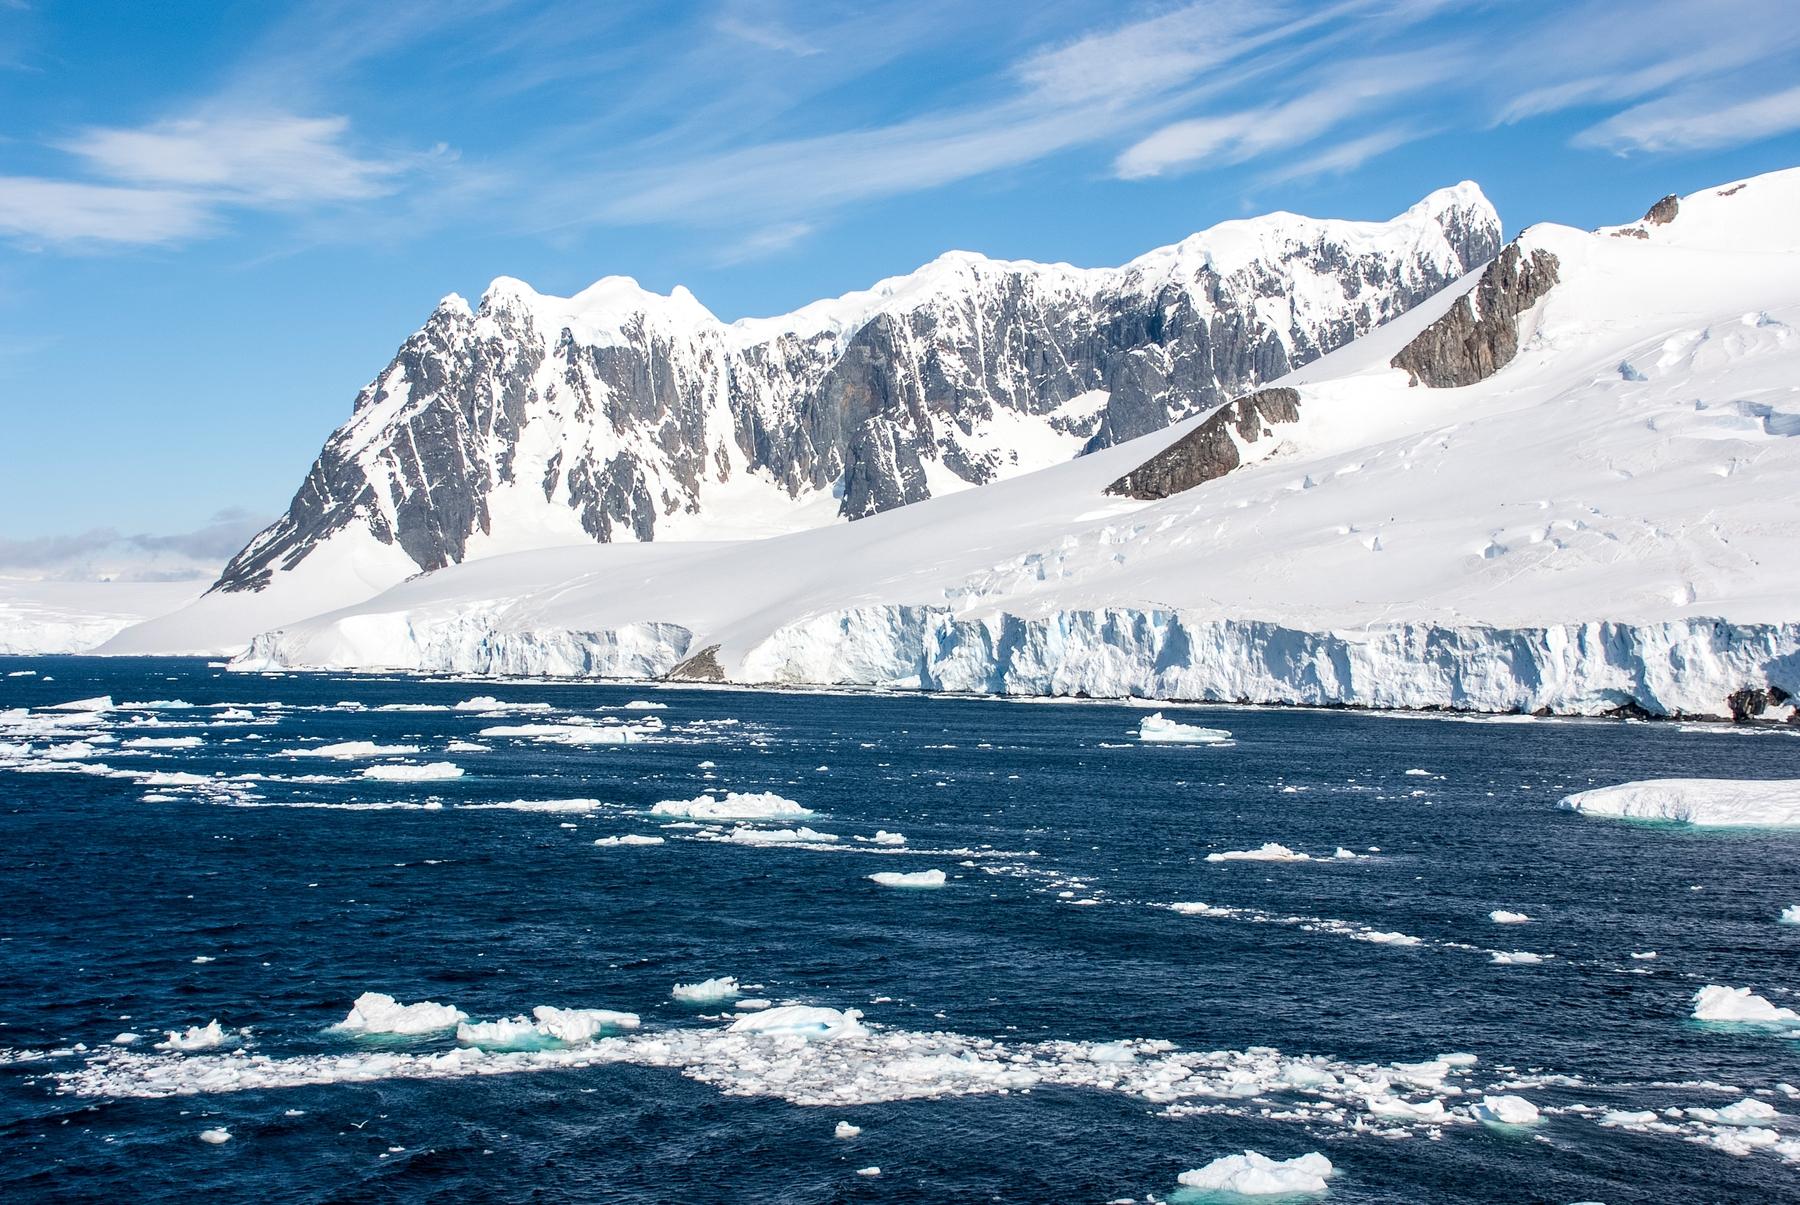 Antártica, um dos lugares que deve se abrir aos poucos para o turismo.